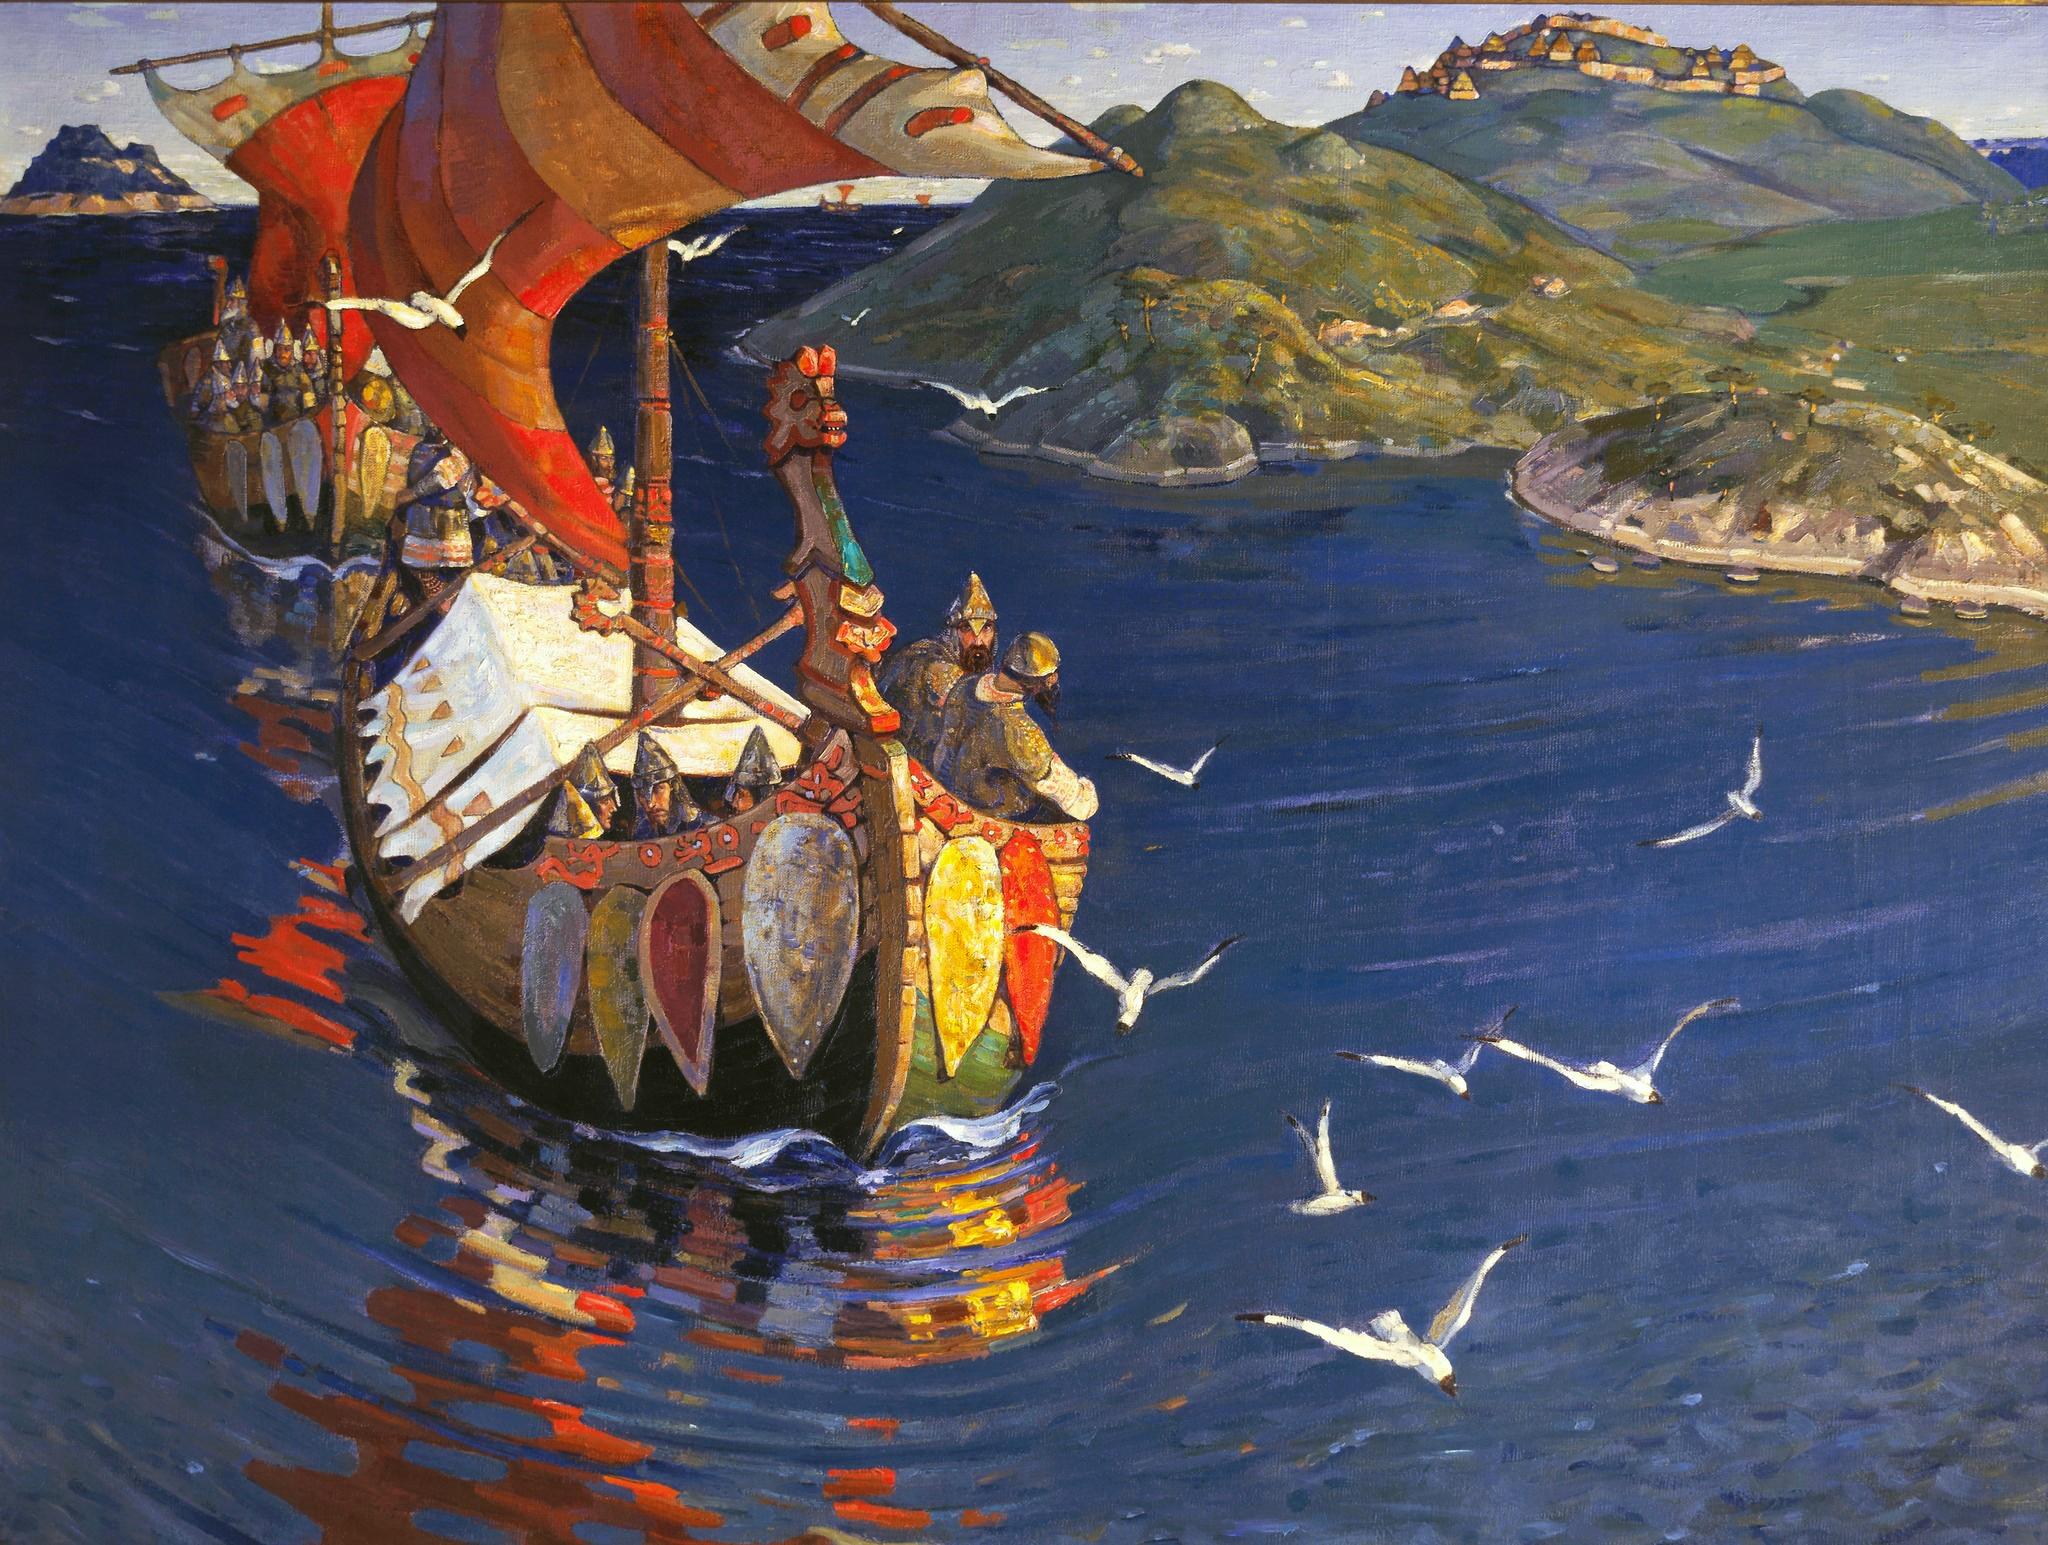 Заморские гости. Николай Рерих, 1901.